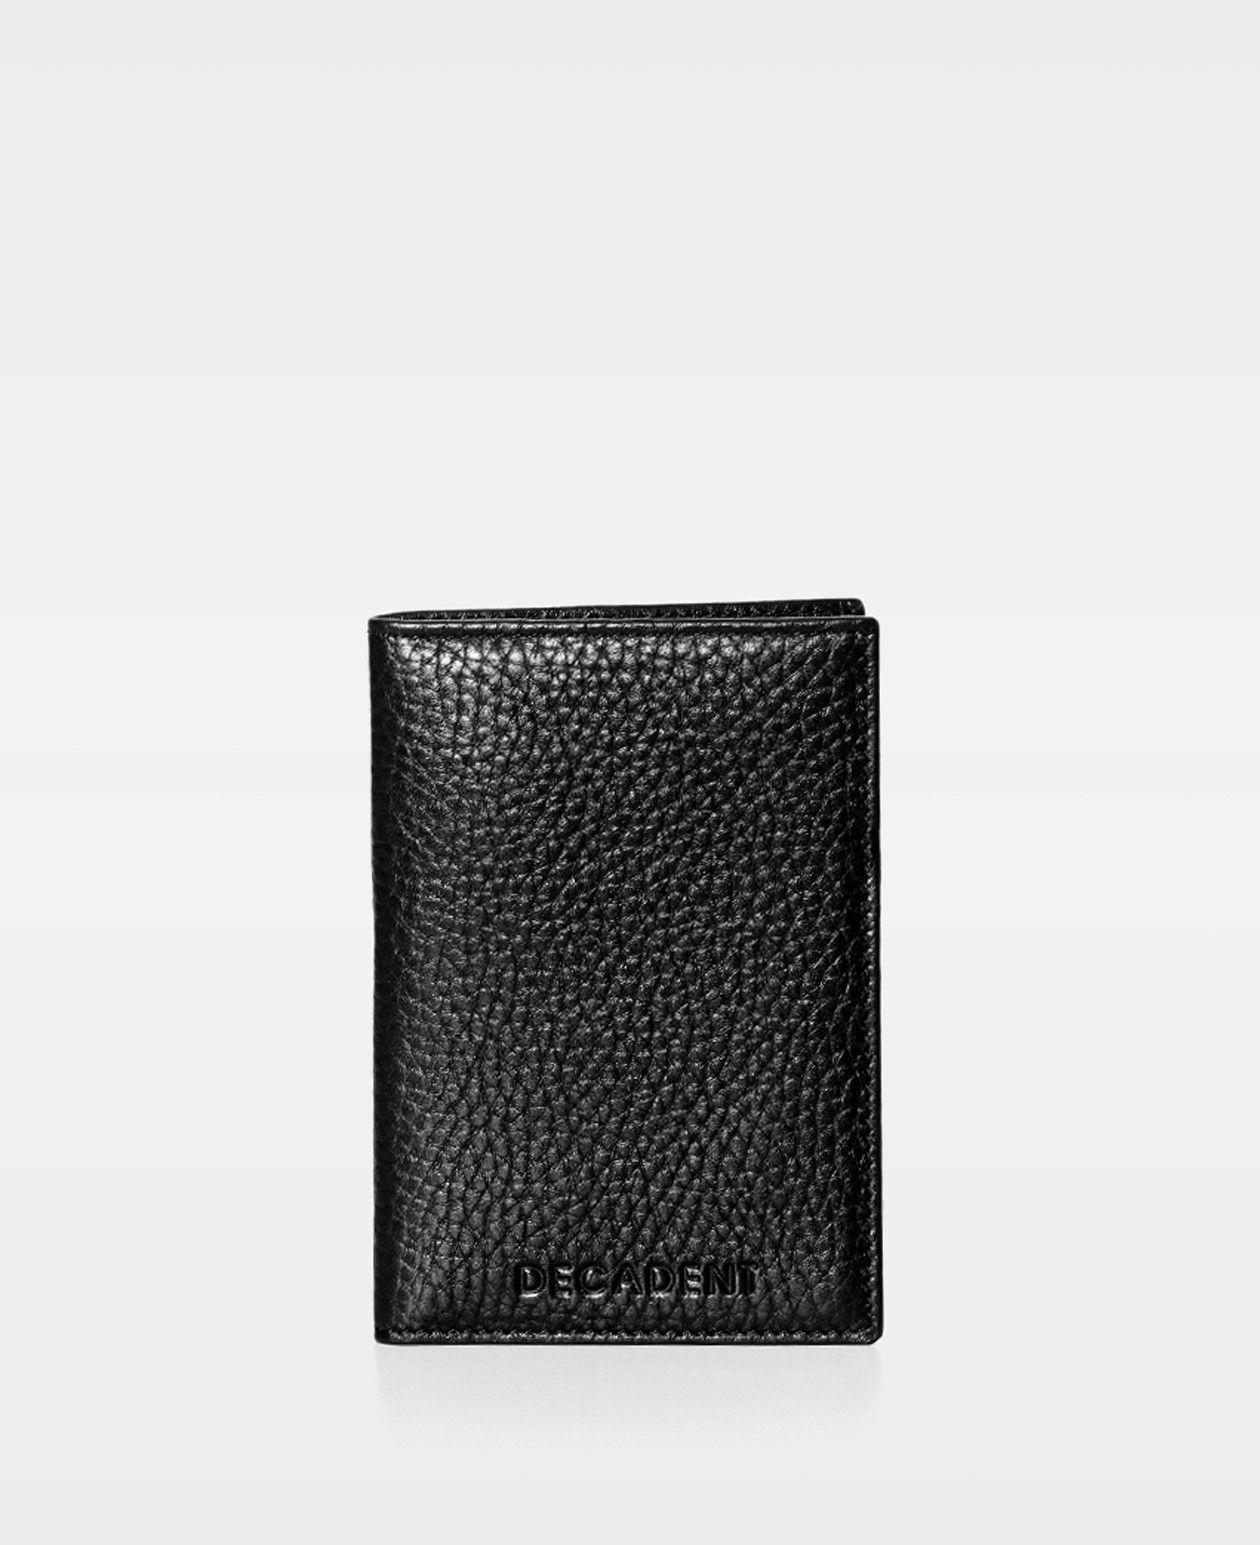 Decadent Pasport cover - Decadent - Officiel Webshop